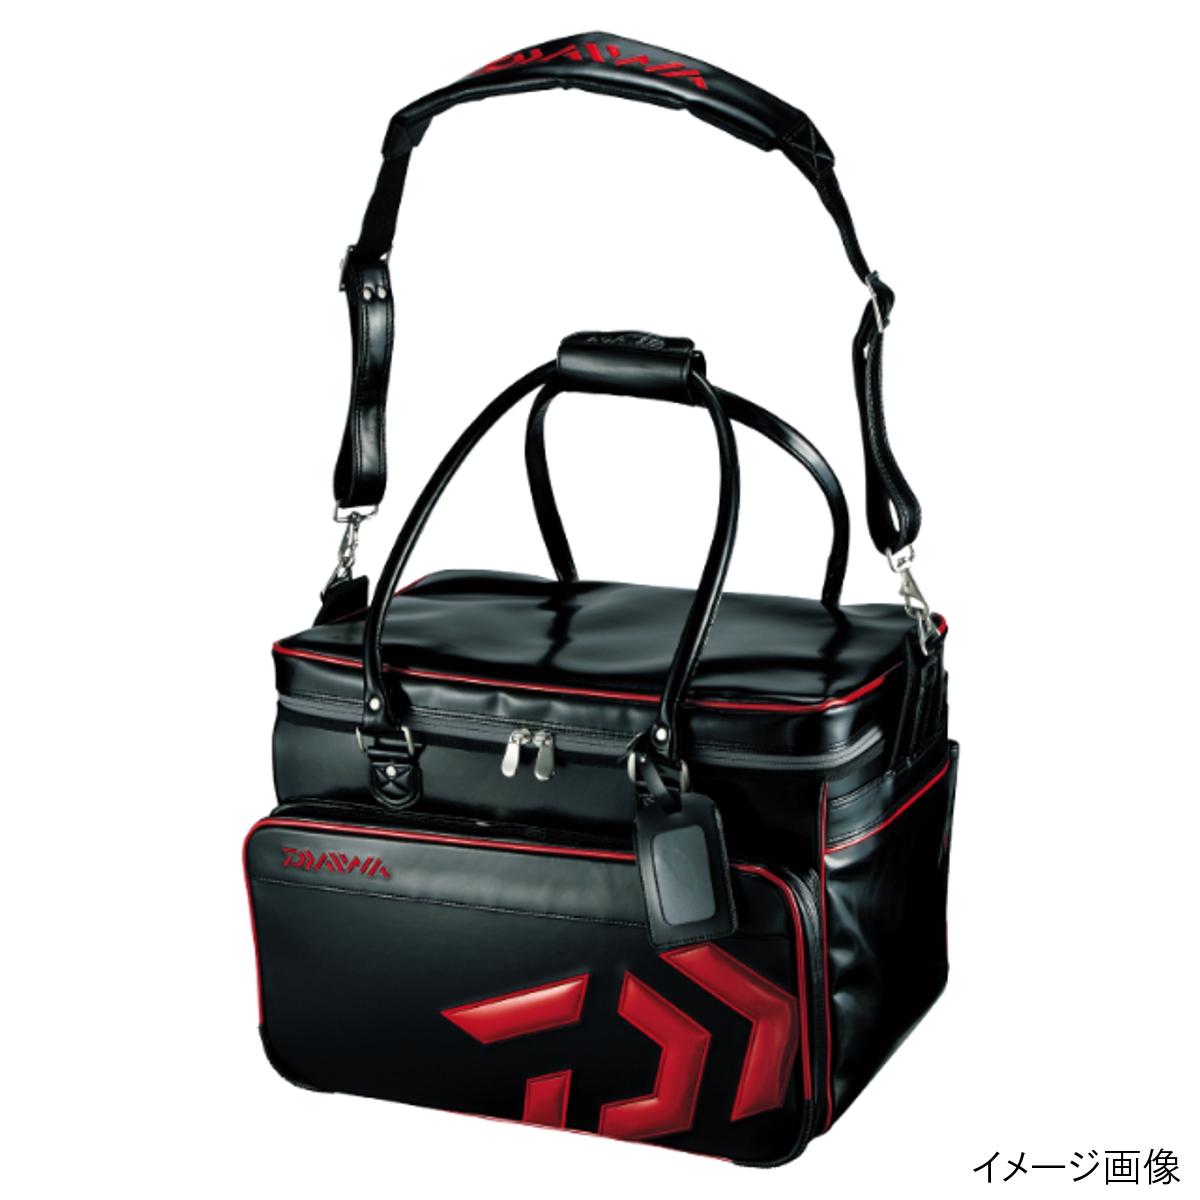 ダイワ へらバッグ 50(E) ブラック(東日本店)